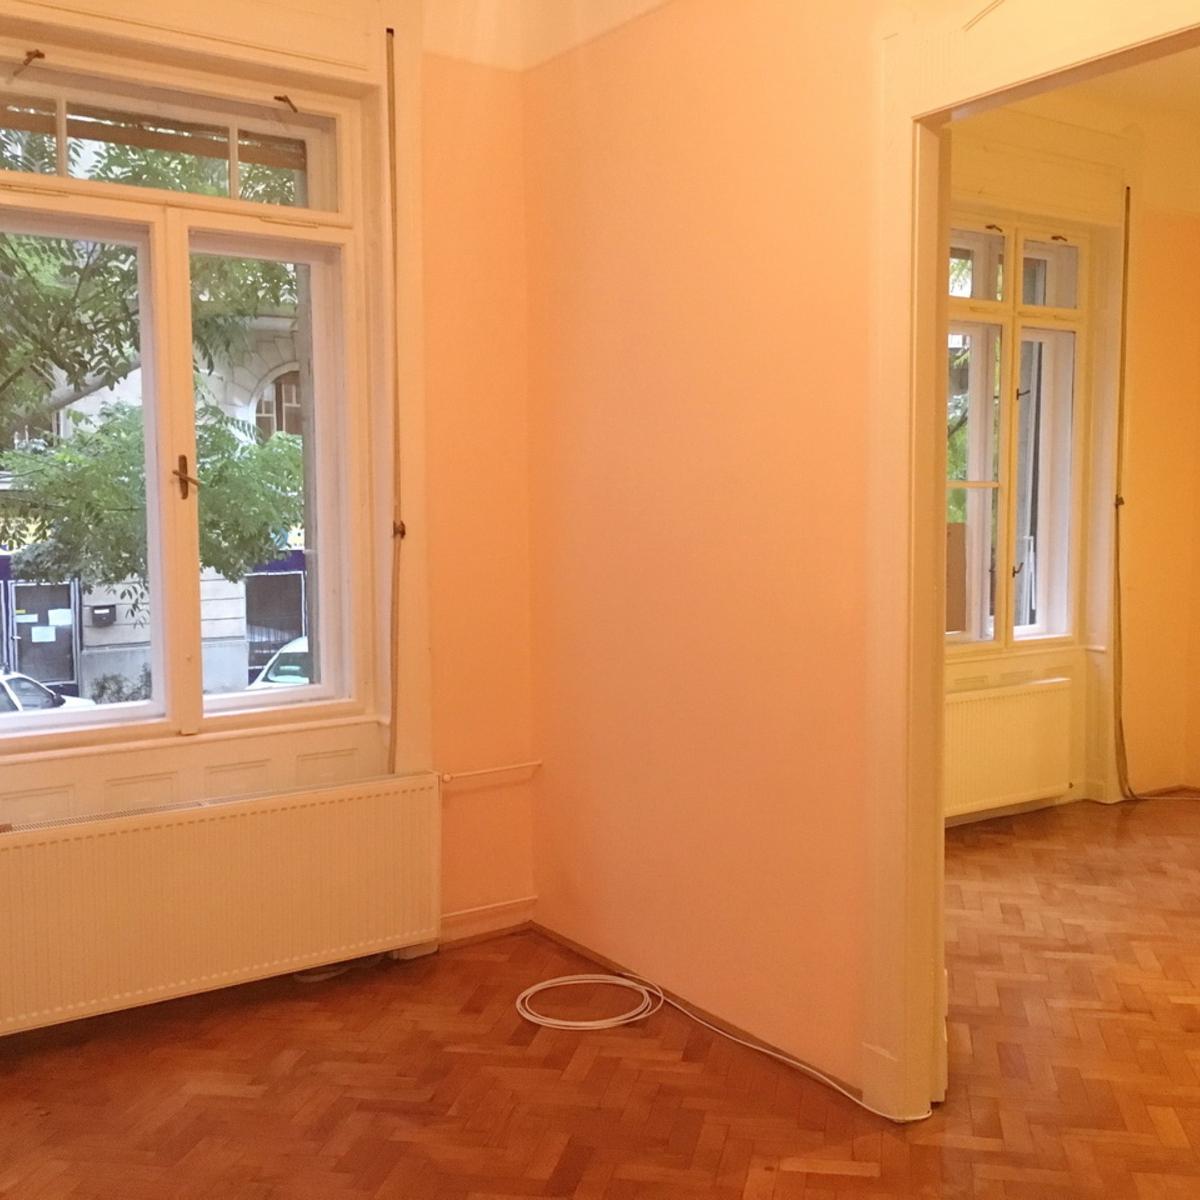 Eladó  téglalakás (Budapest, XII. kerületBudapest, XII. kerület, Németvölgy) 47,8 M  Ft